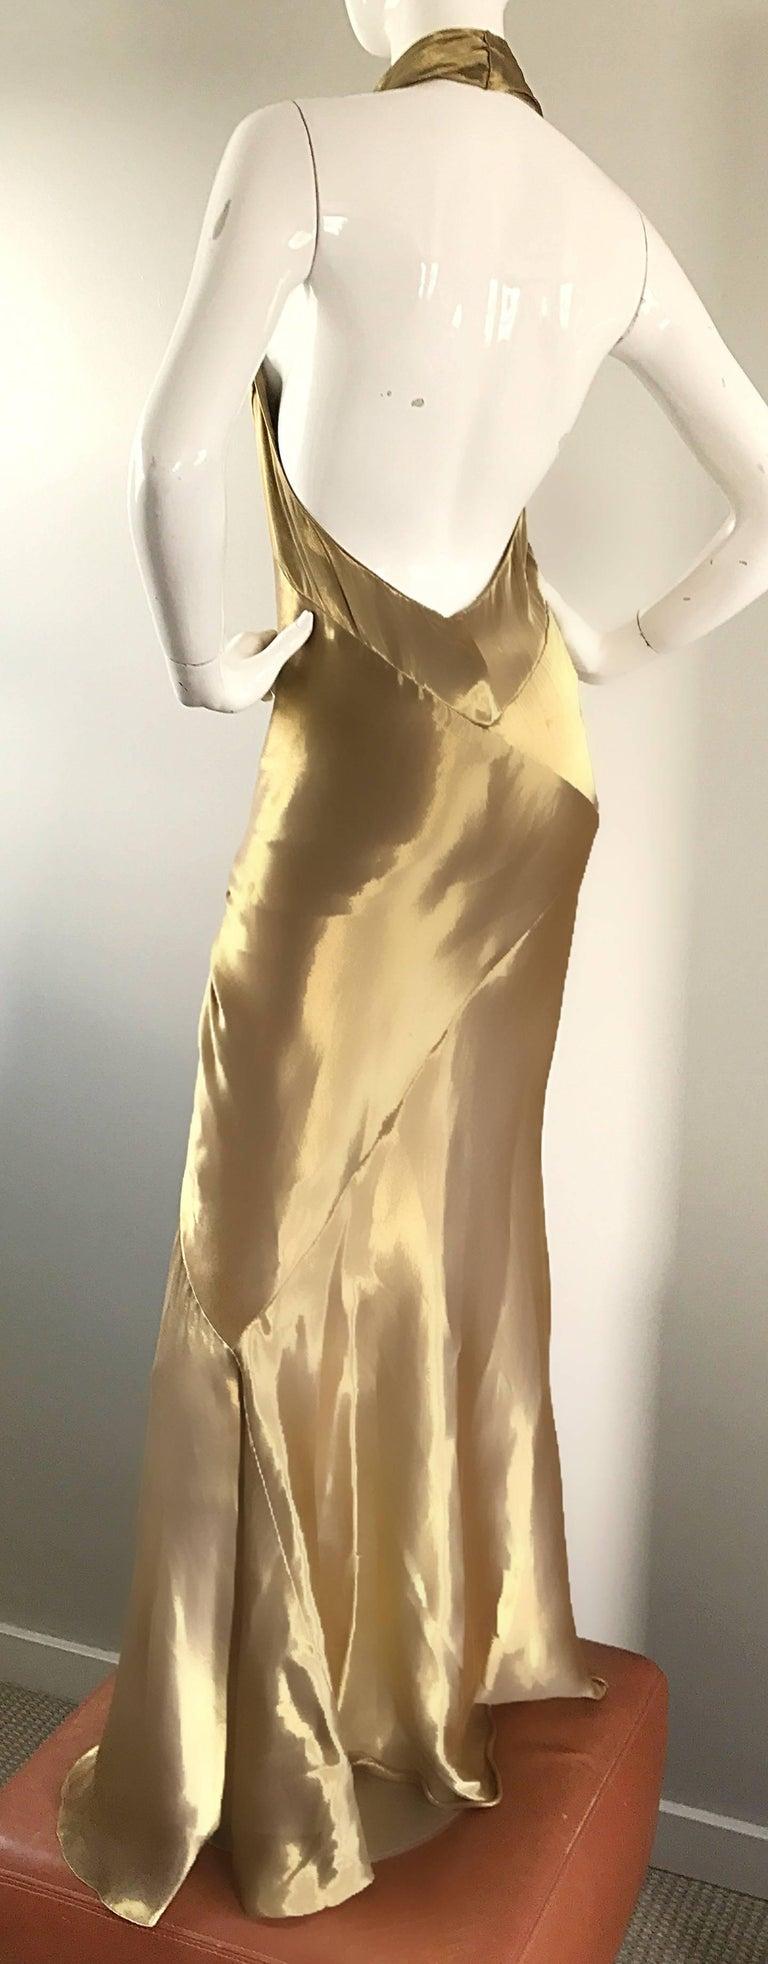 Stunning Vintage Donna Karan 1990s Liquid Gold Silk Plunging 90s Halter Gown For Sale 1